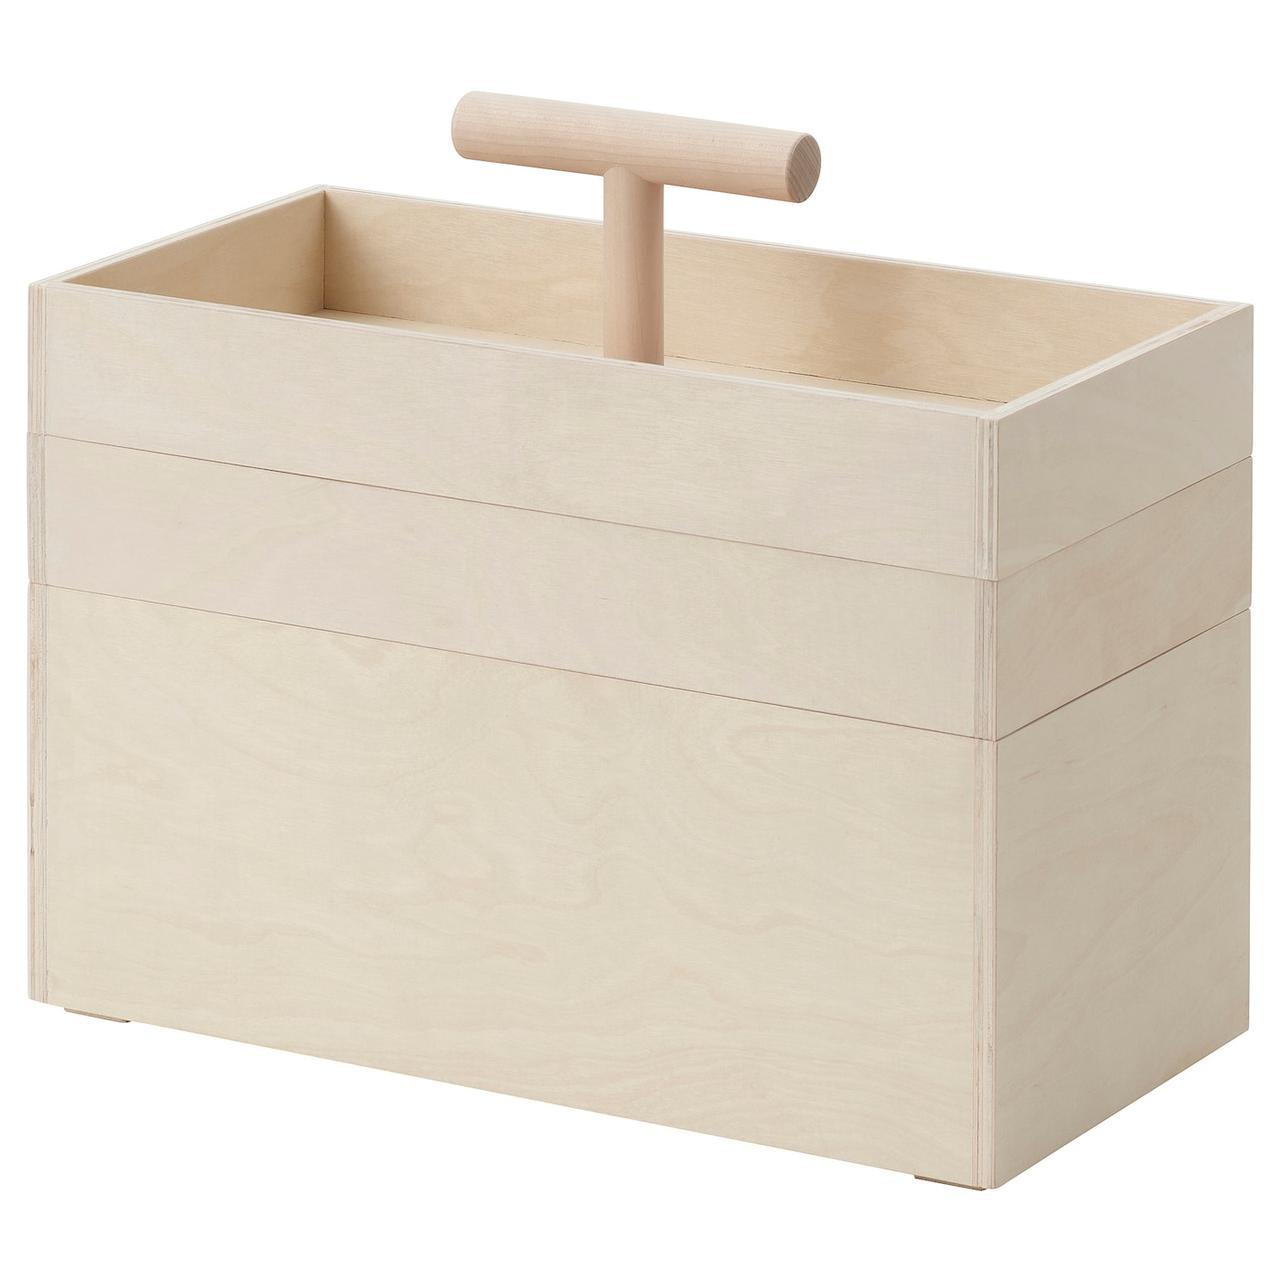 IKEA RÅVAROR Коробка, фанера березовый 36x18x31 см